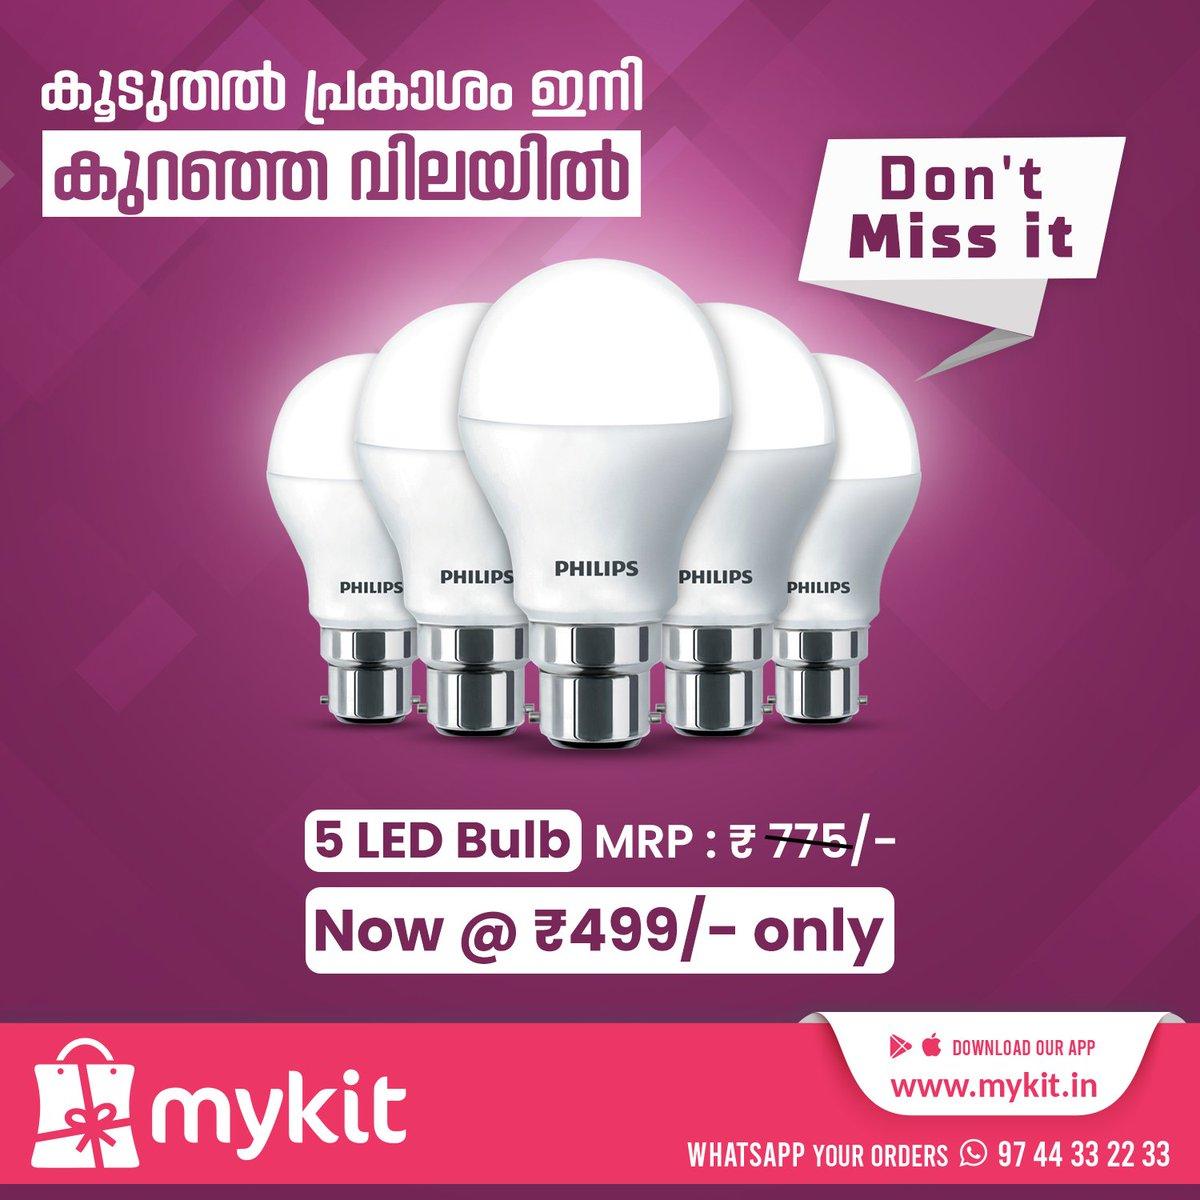 കൂടുതൽ പ്രകാശം  ഇനി കുറഞ്ഞ വിലയിൽ  5 LED bulb now at ₹ 499/  order now: https://t.co/cmJ8vF4ltE visit now: https://t.co/KjaLi9yPQr  #mykitcart #mykit #Philips #LED #ledlights #ledbulb #brandyourhome #kannur #kerala https://t.co/wgFDhscAIm